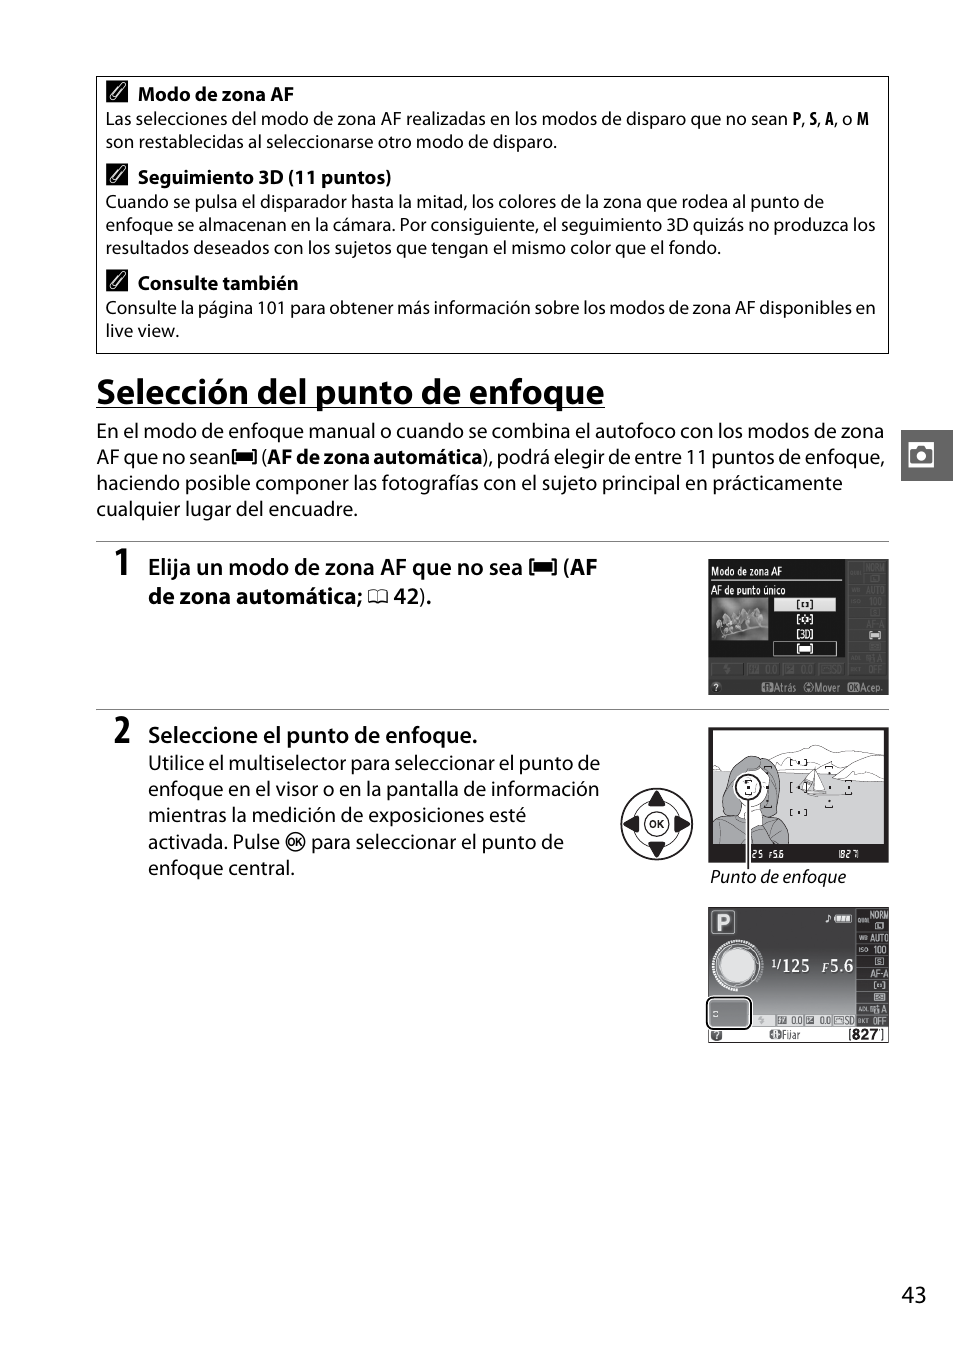 selecci n del punto de enfoque nikon d5100 manual del usuario rh pdfmanuales com Photography by Nikon D5100 Nikon D5100 Photo Gallery